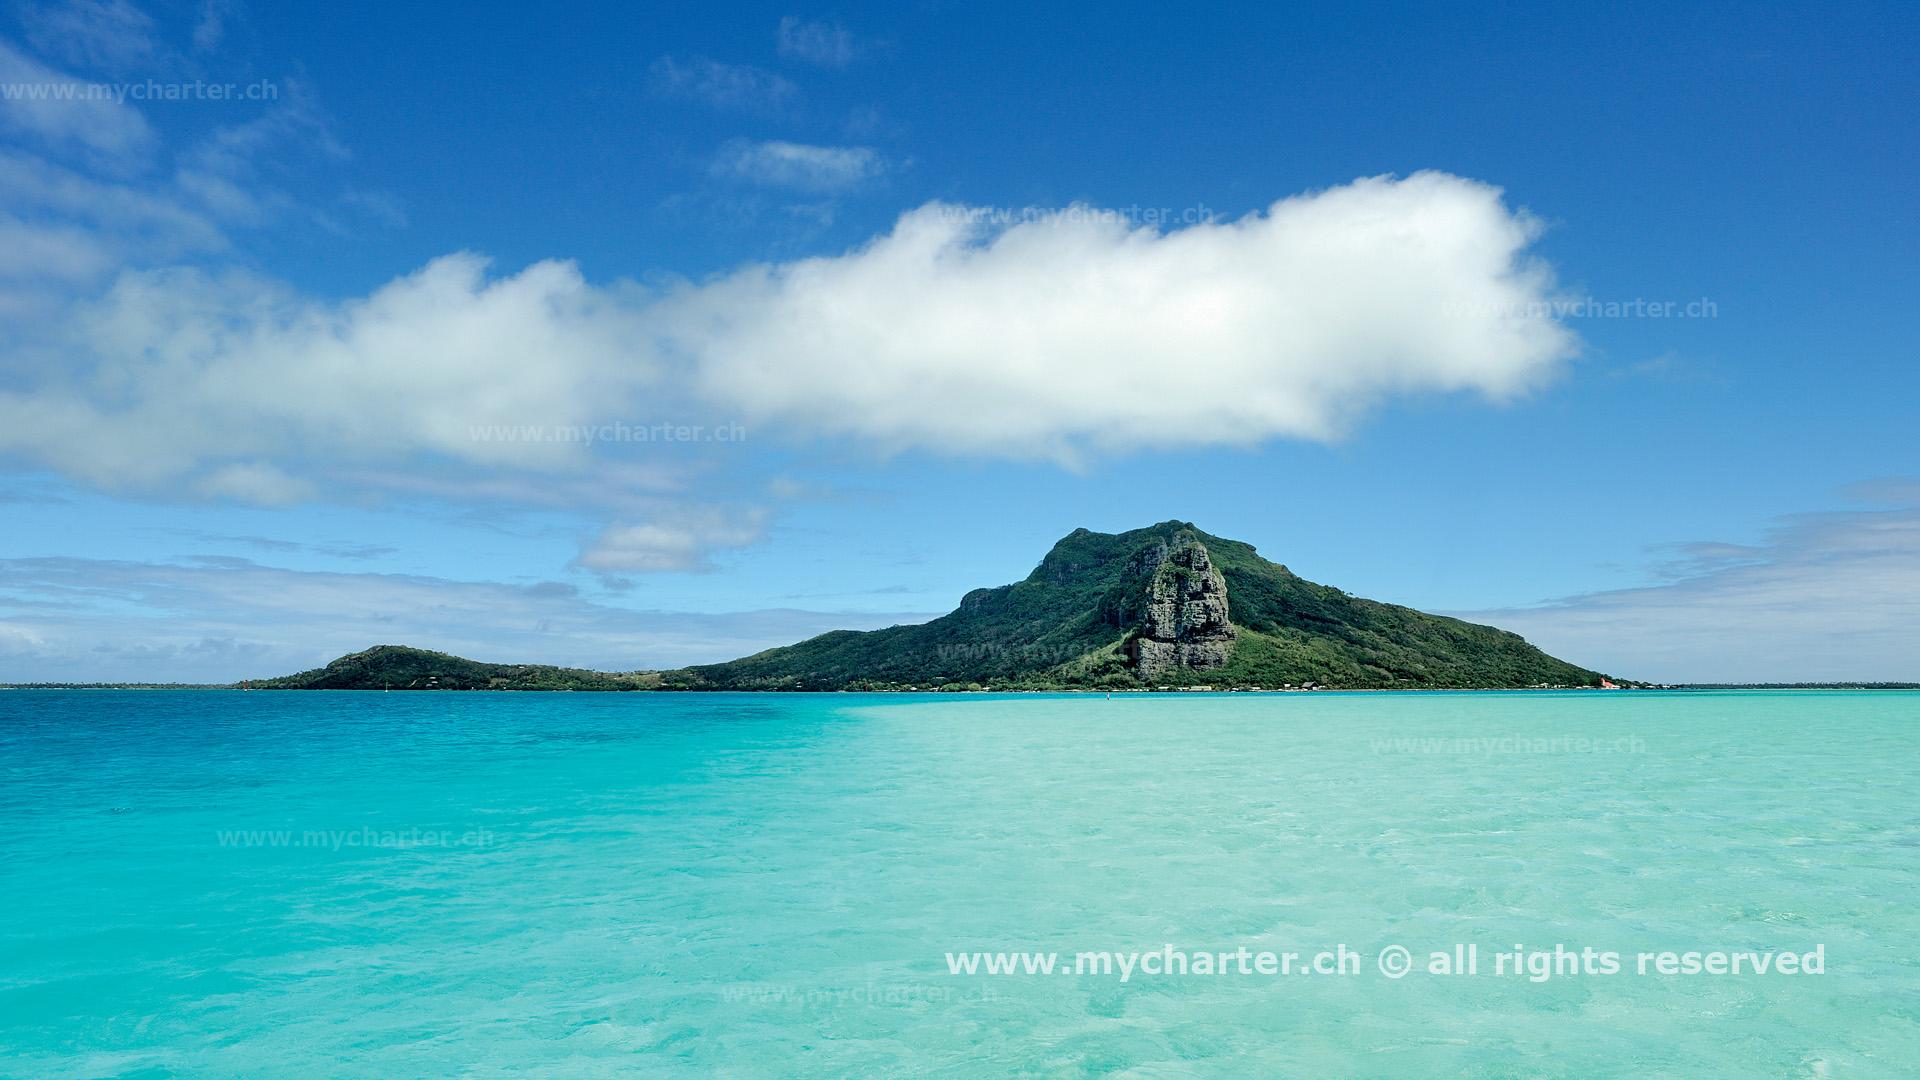 Yachtcharter Südesee - Tahiti - Maupiti